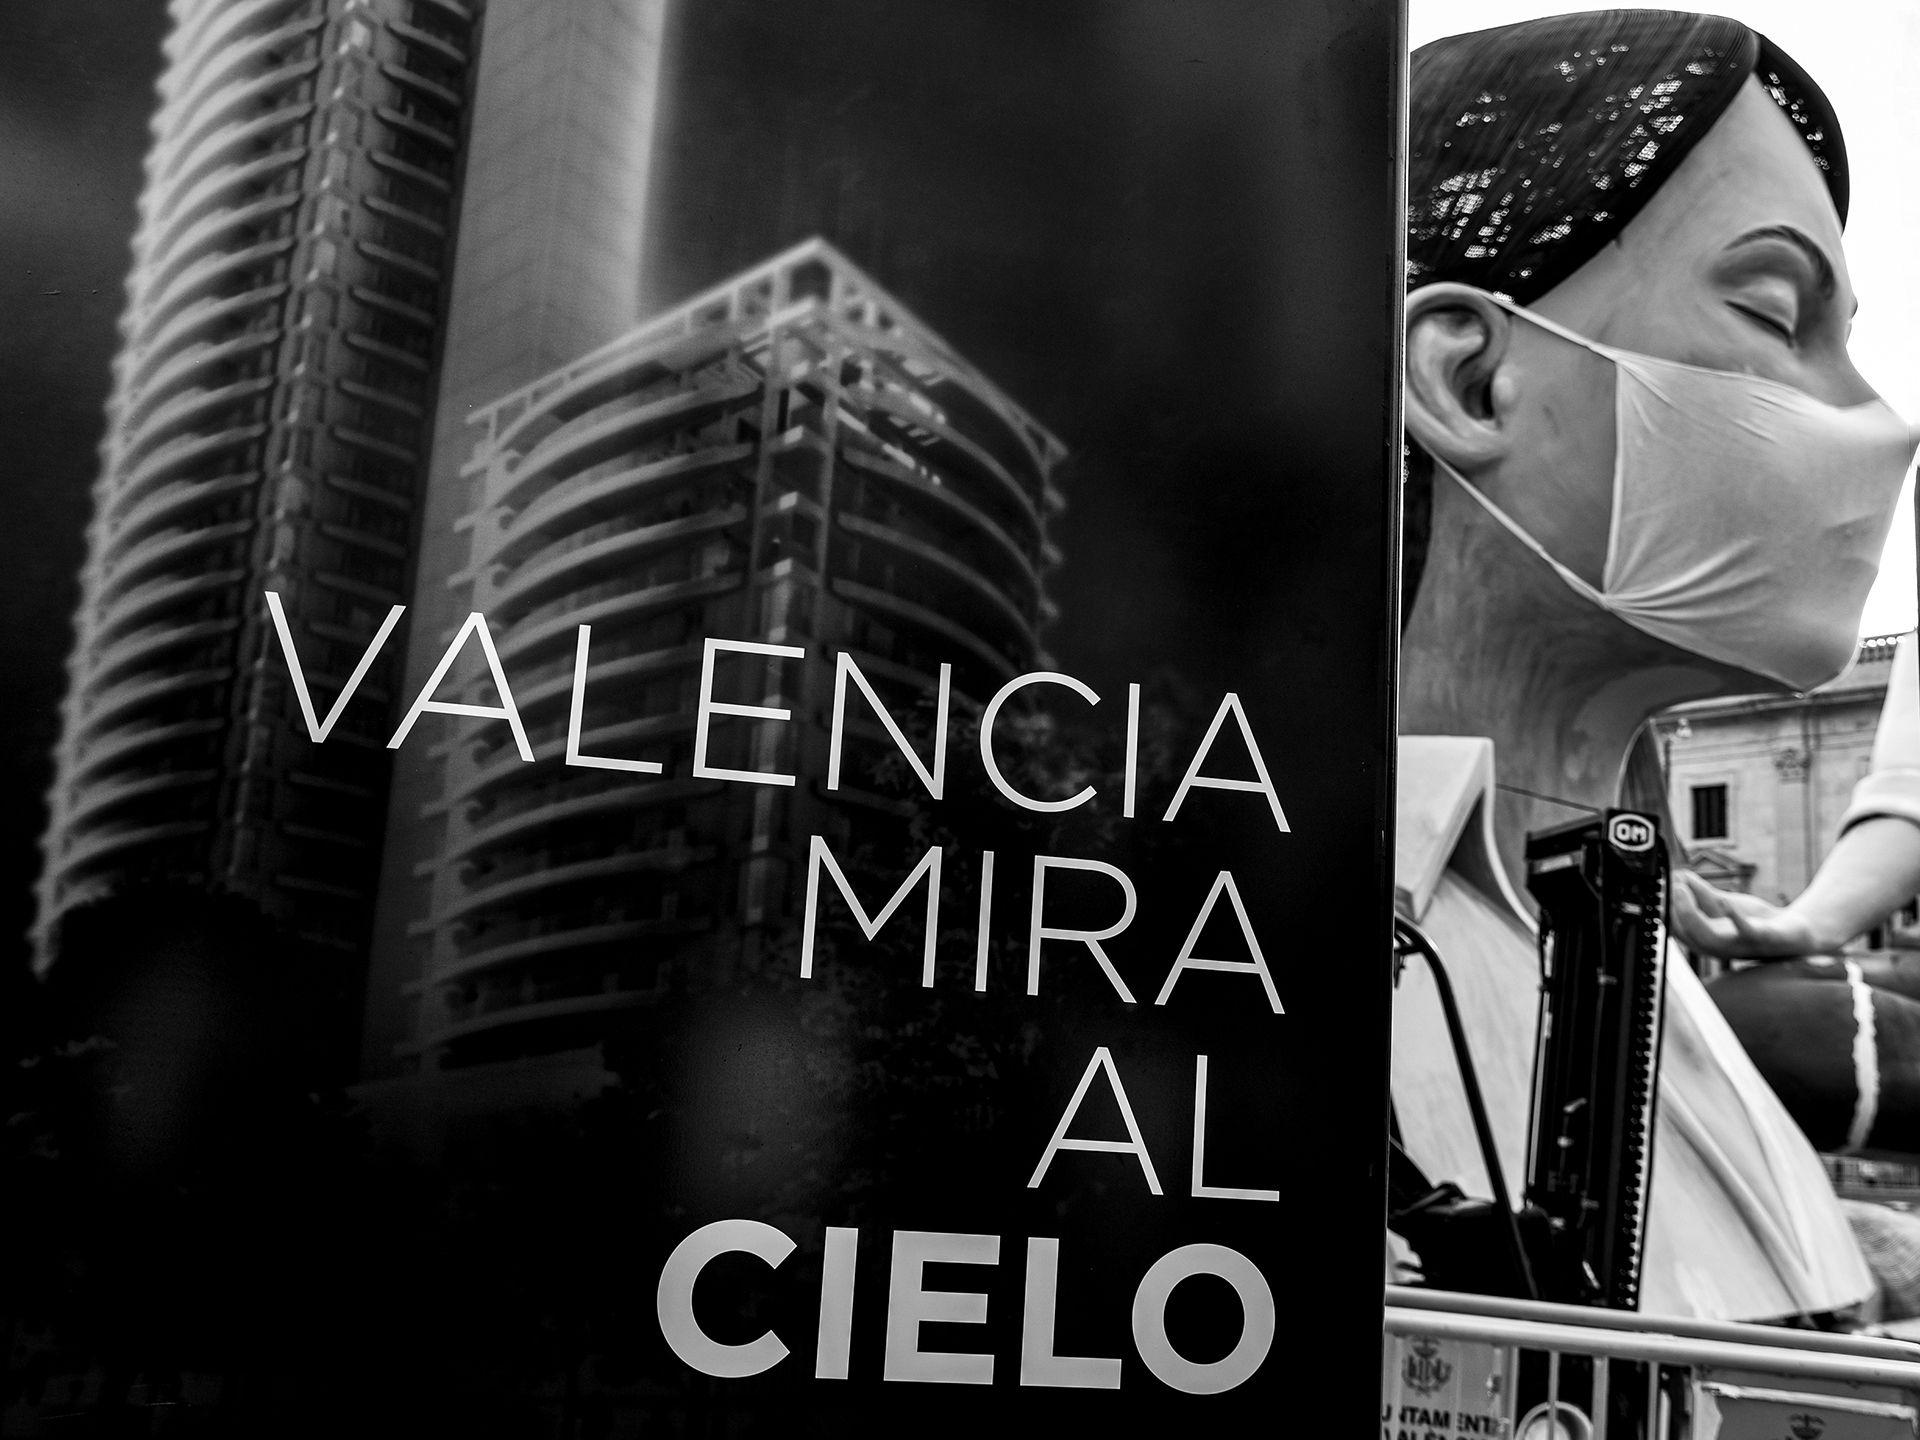 """1º Accesit Blanco y Negro. """"València mira al cel""""  Autor: Juan Francisco Grau Benavent"""